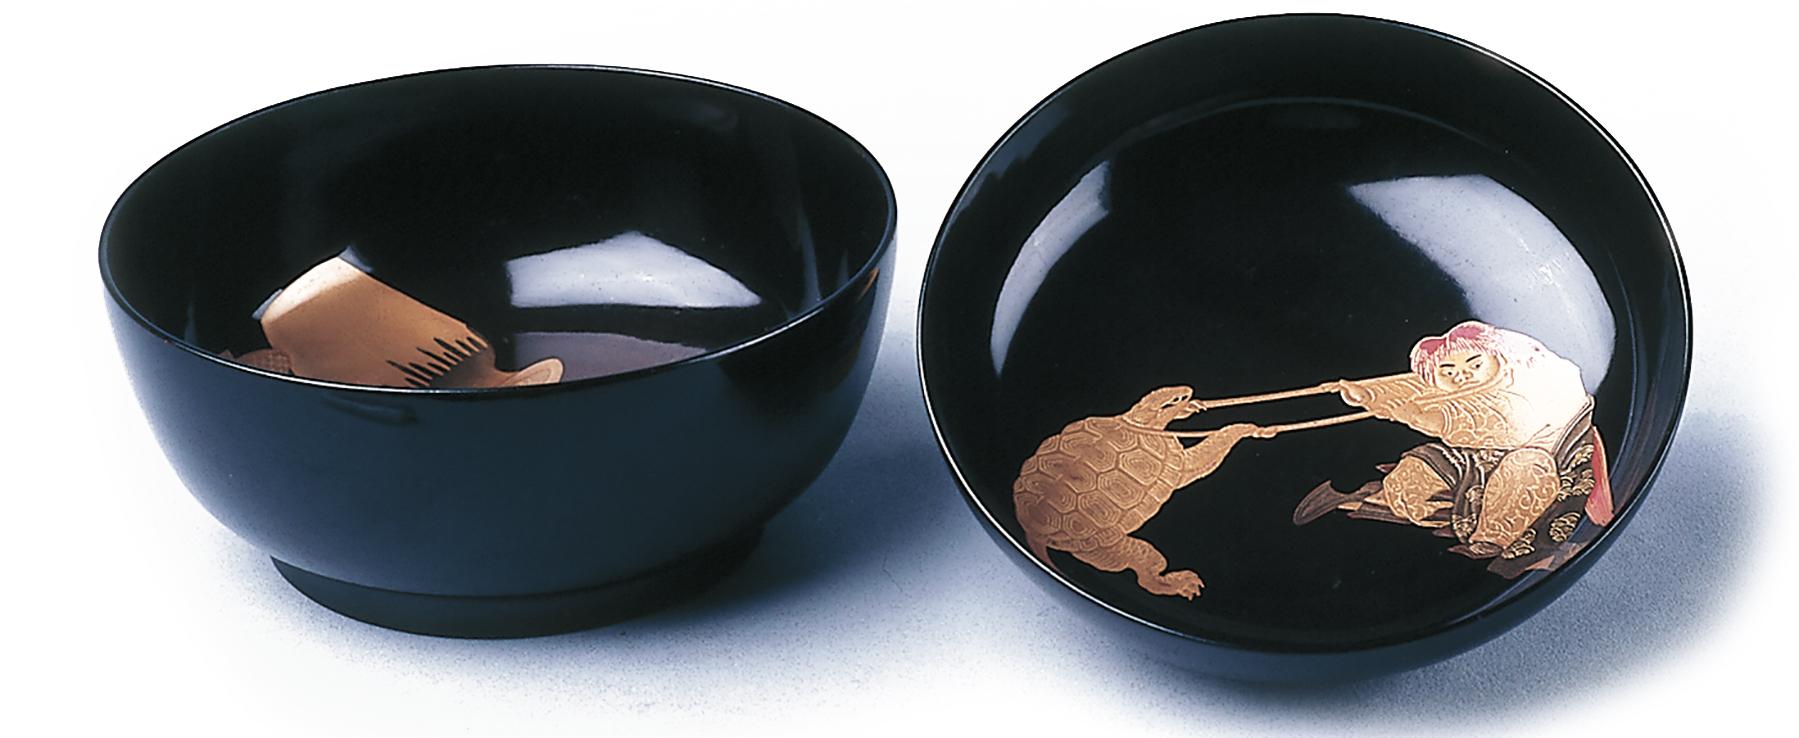 黑地圓形蓋碗以蒔繪(描金)技法裝飾。-01.jpg